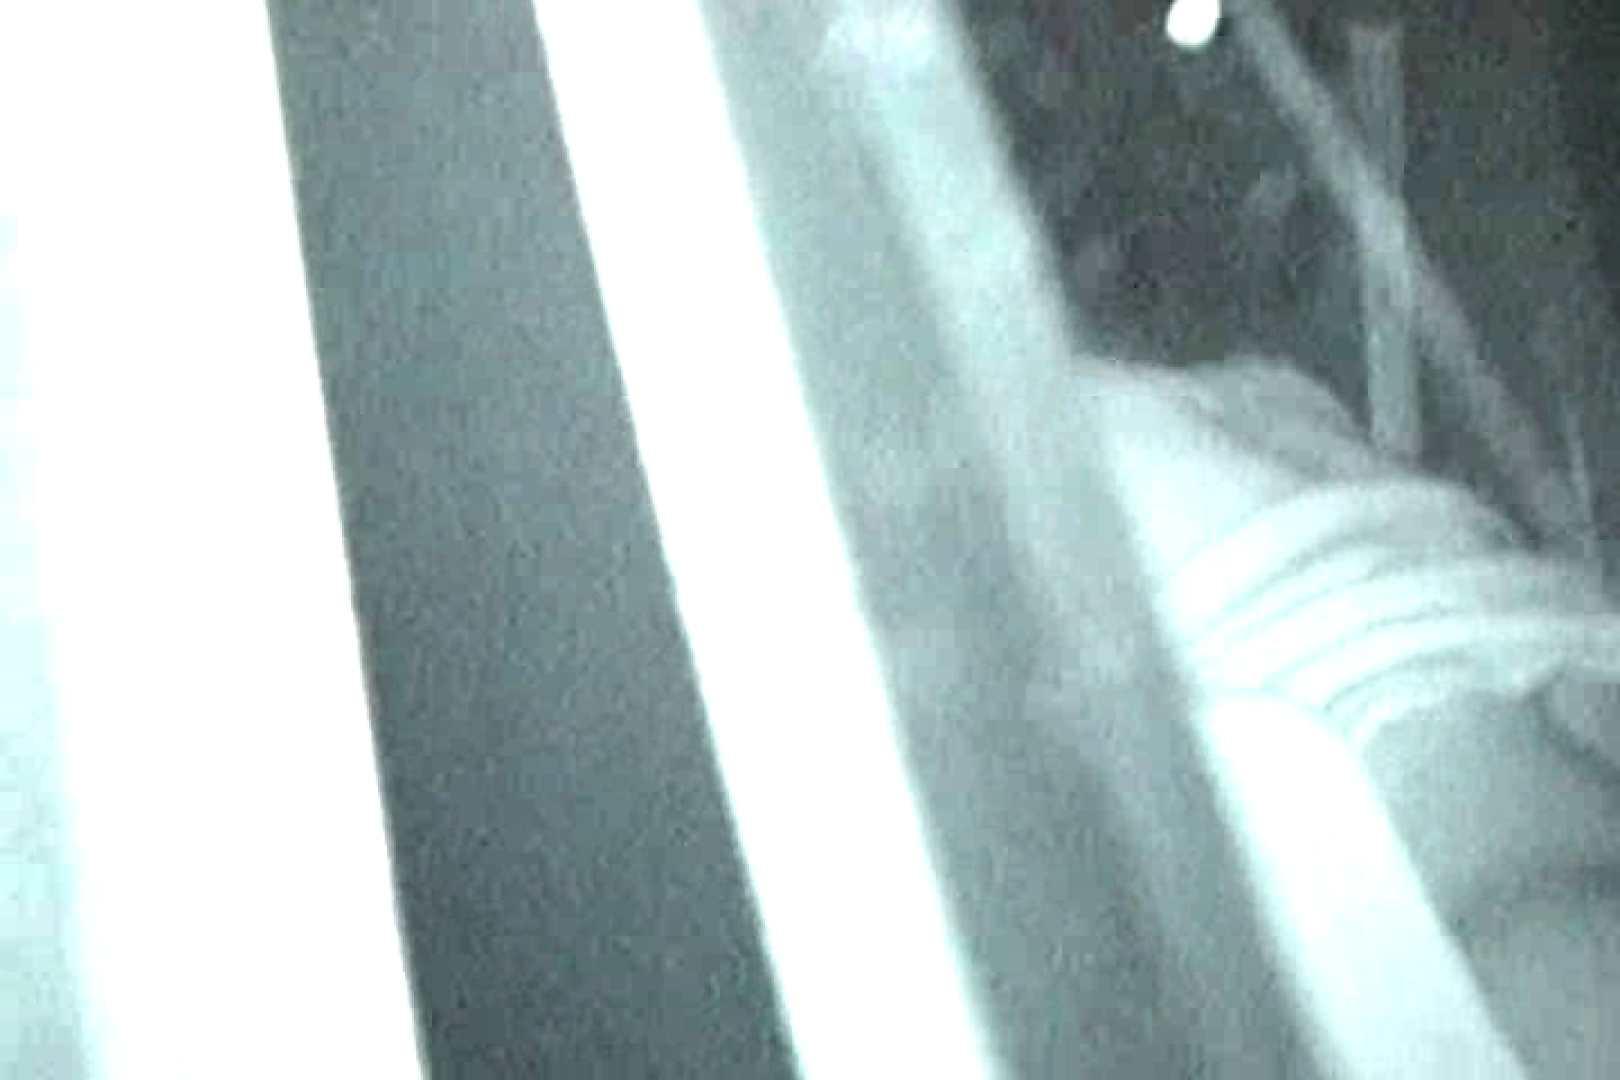 充血監督の深夜の運動会Vol.8 乳首   エロティックなOL  106画像 86